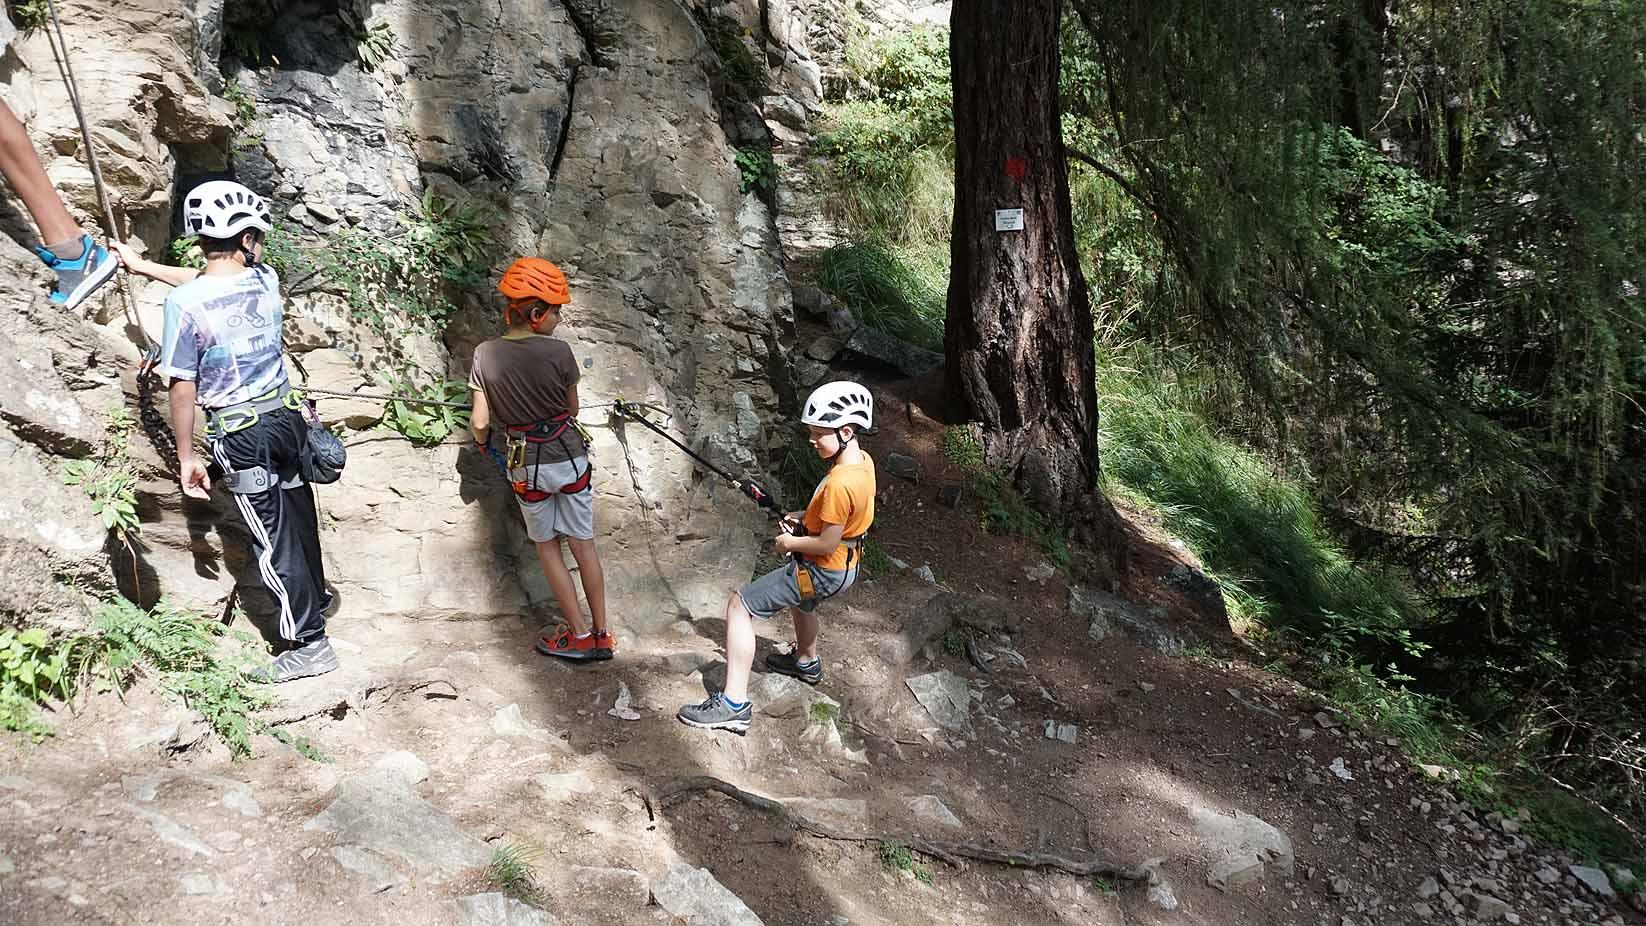 Klettersteigset Montieren : Klettersteig mit kinder und jugendlichen eine besondere herausforderung!